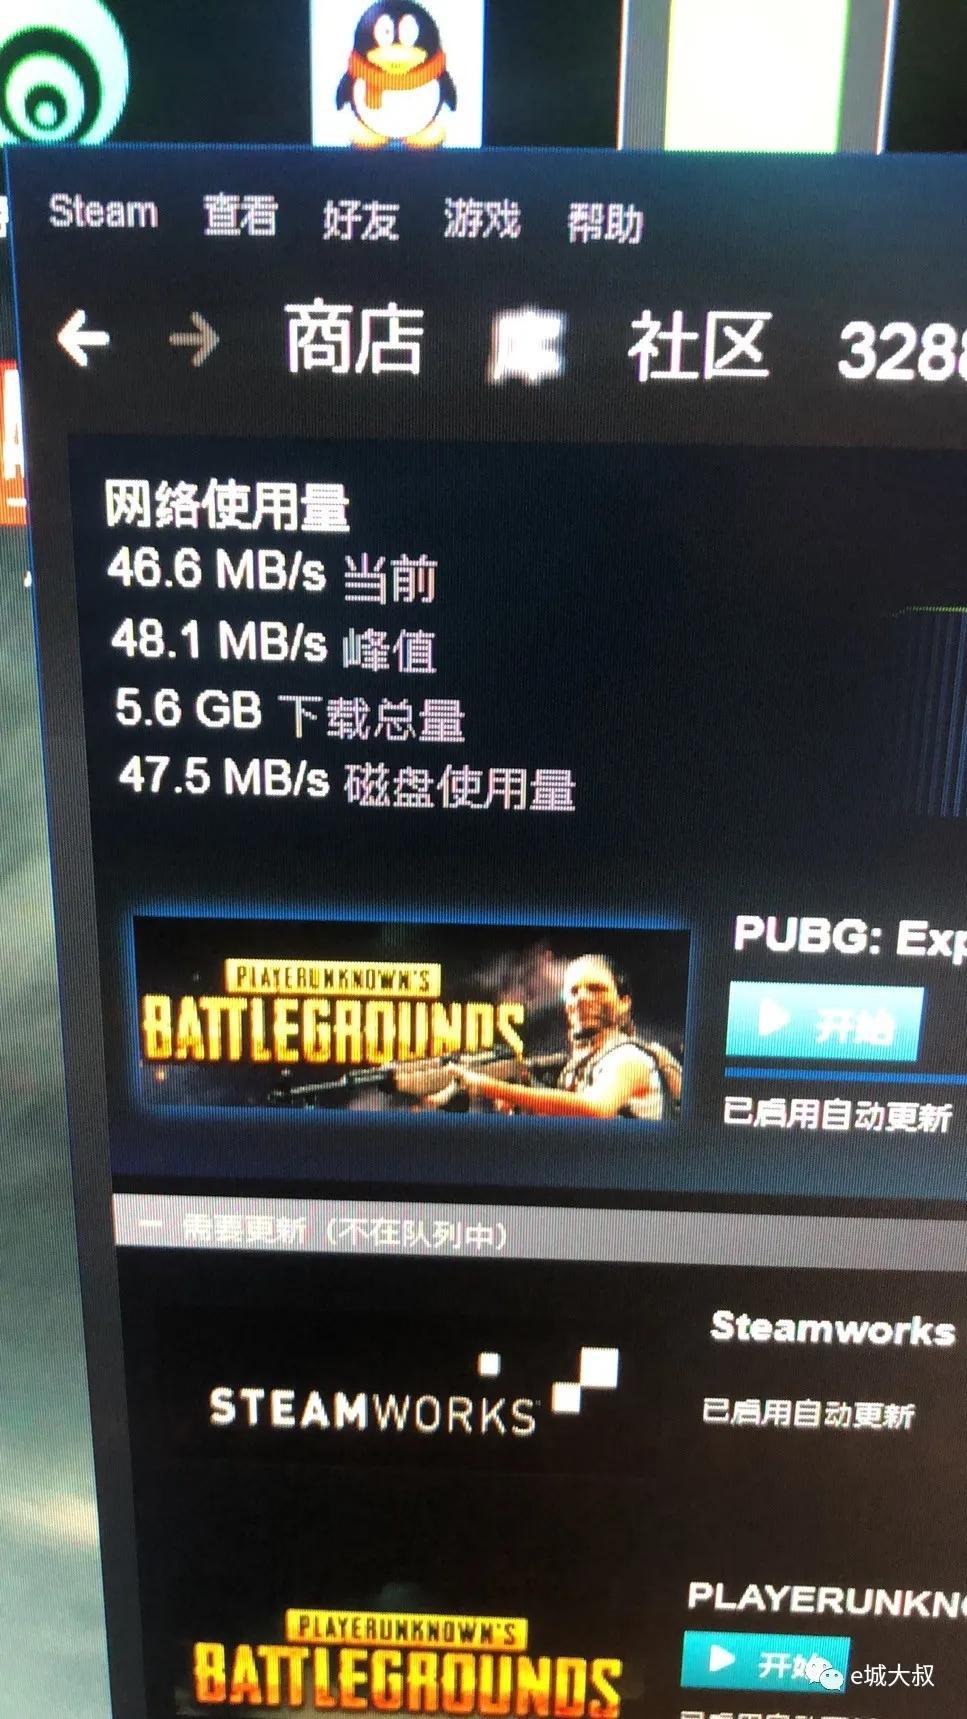 网维大师9150 客户机更新大游戏导致重启的问题